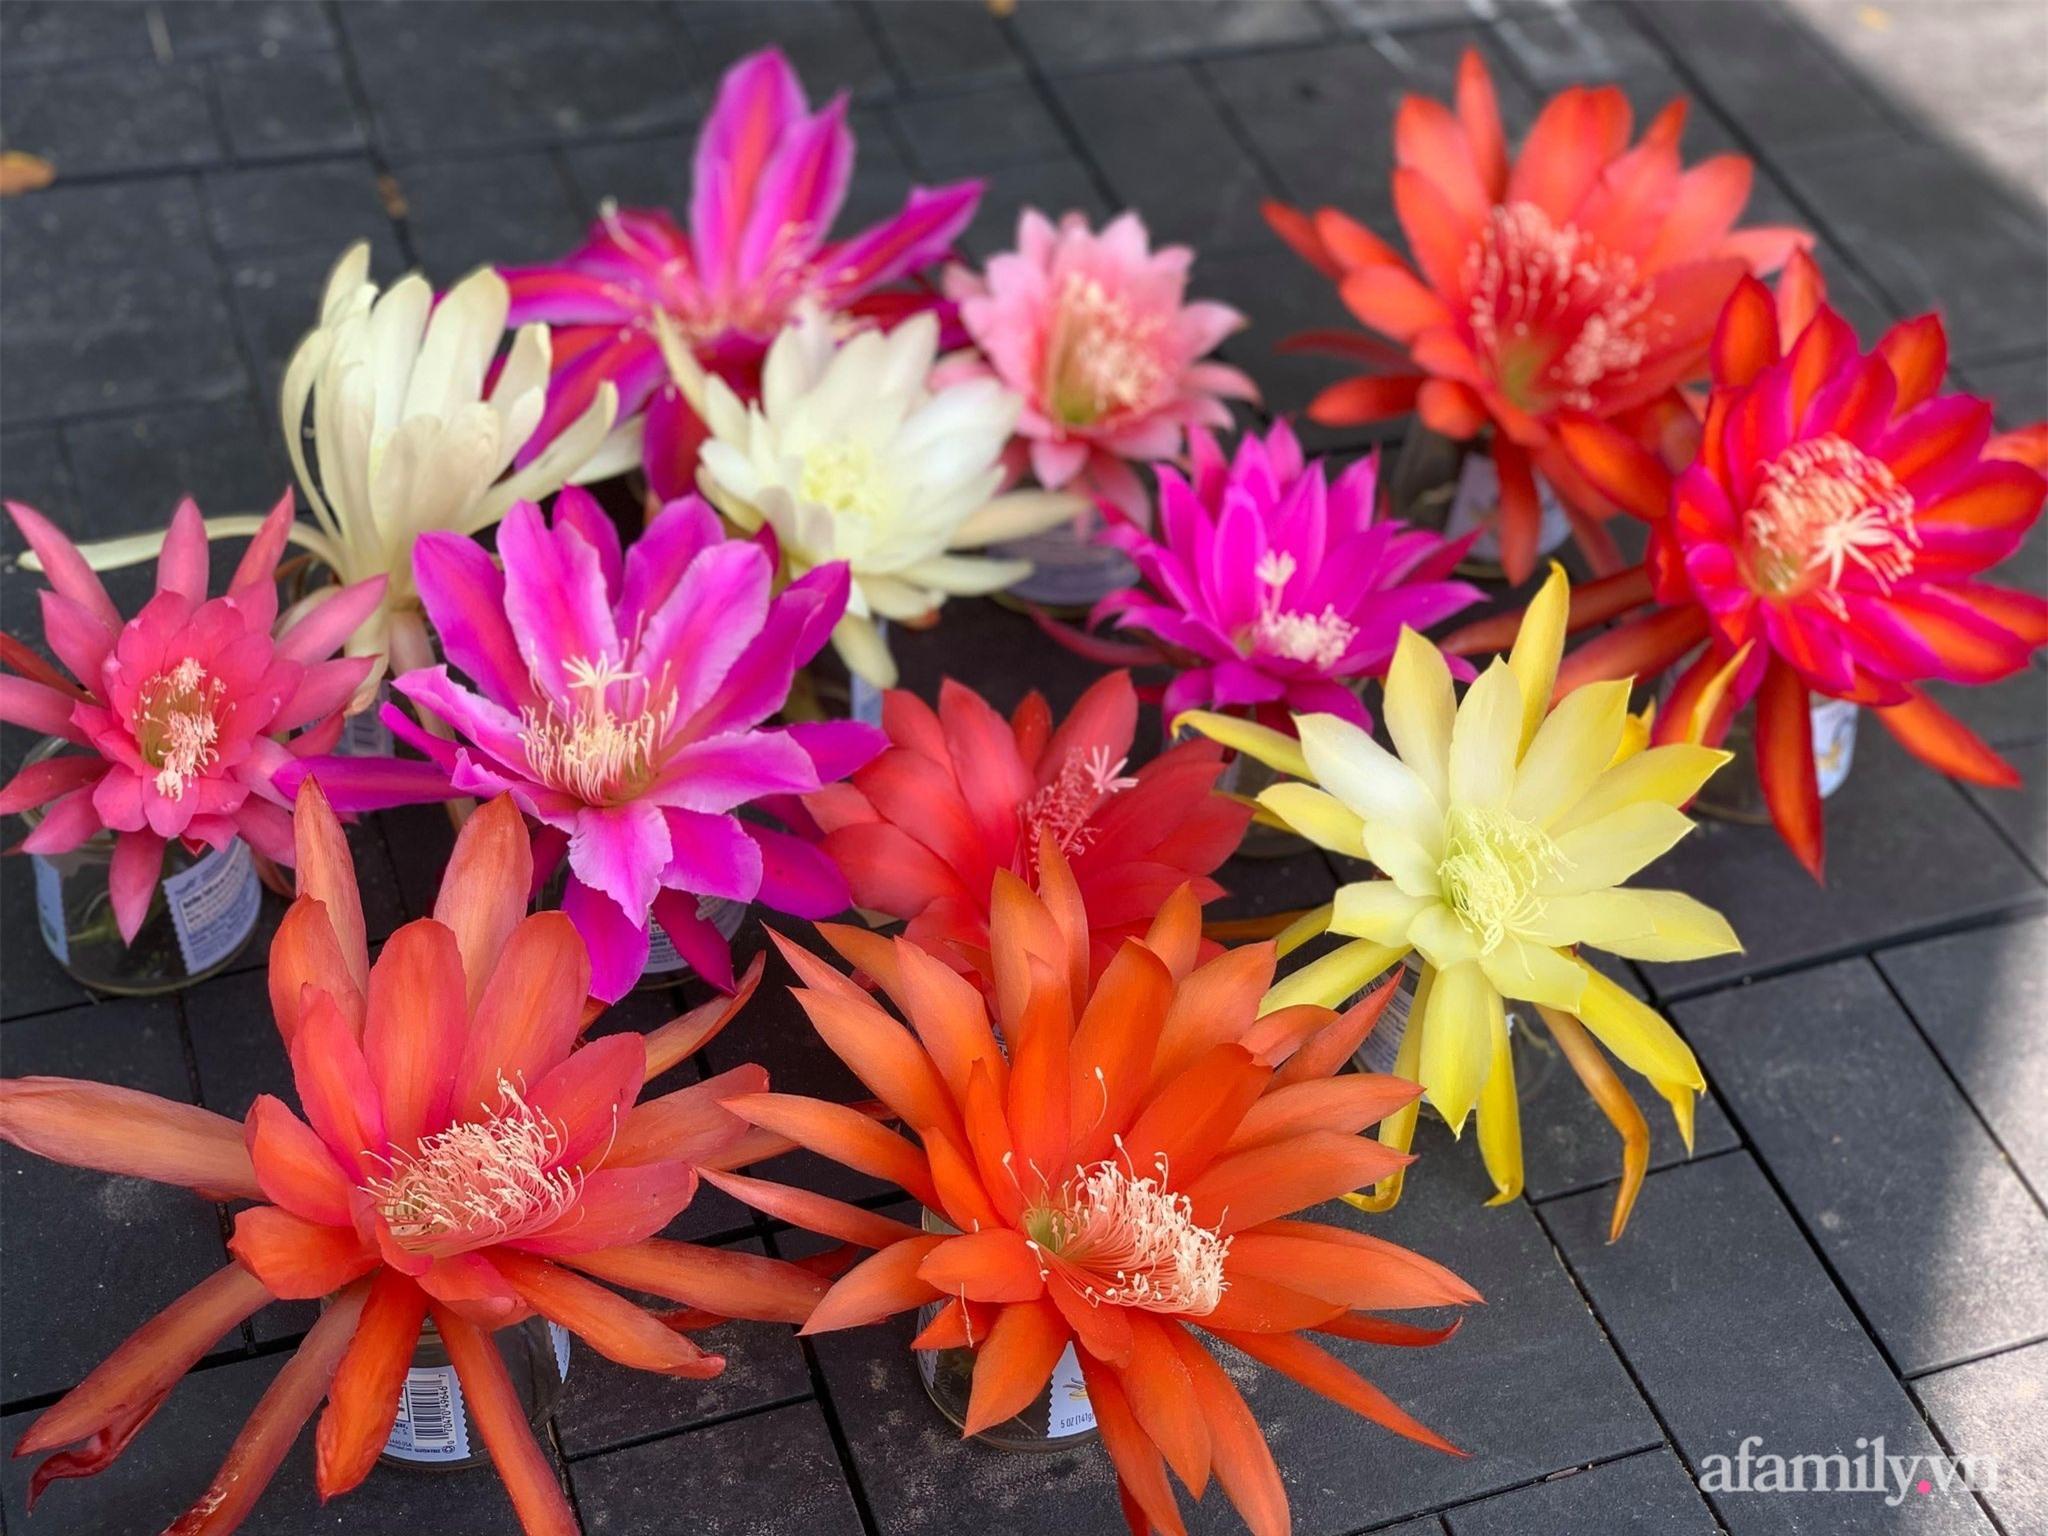 Khu vườn rực rỡ quanh năm với 200 loài quỳnh khoe sắc của mẹ Việt ở Mỹ - Ảnh 13.